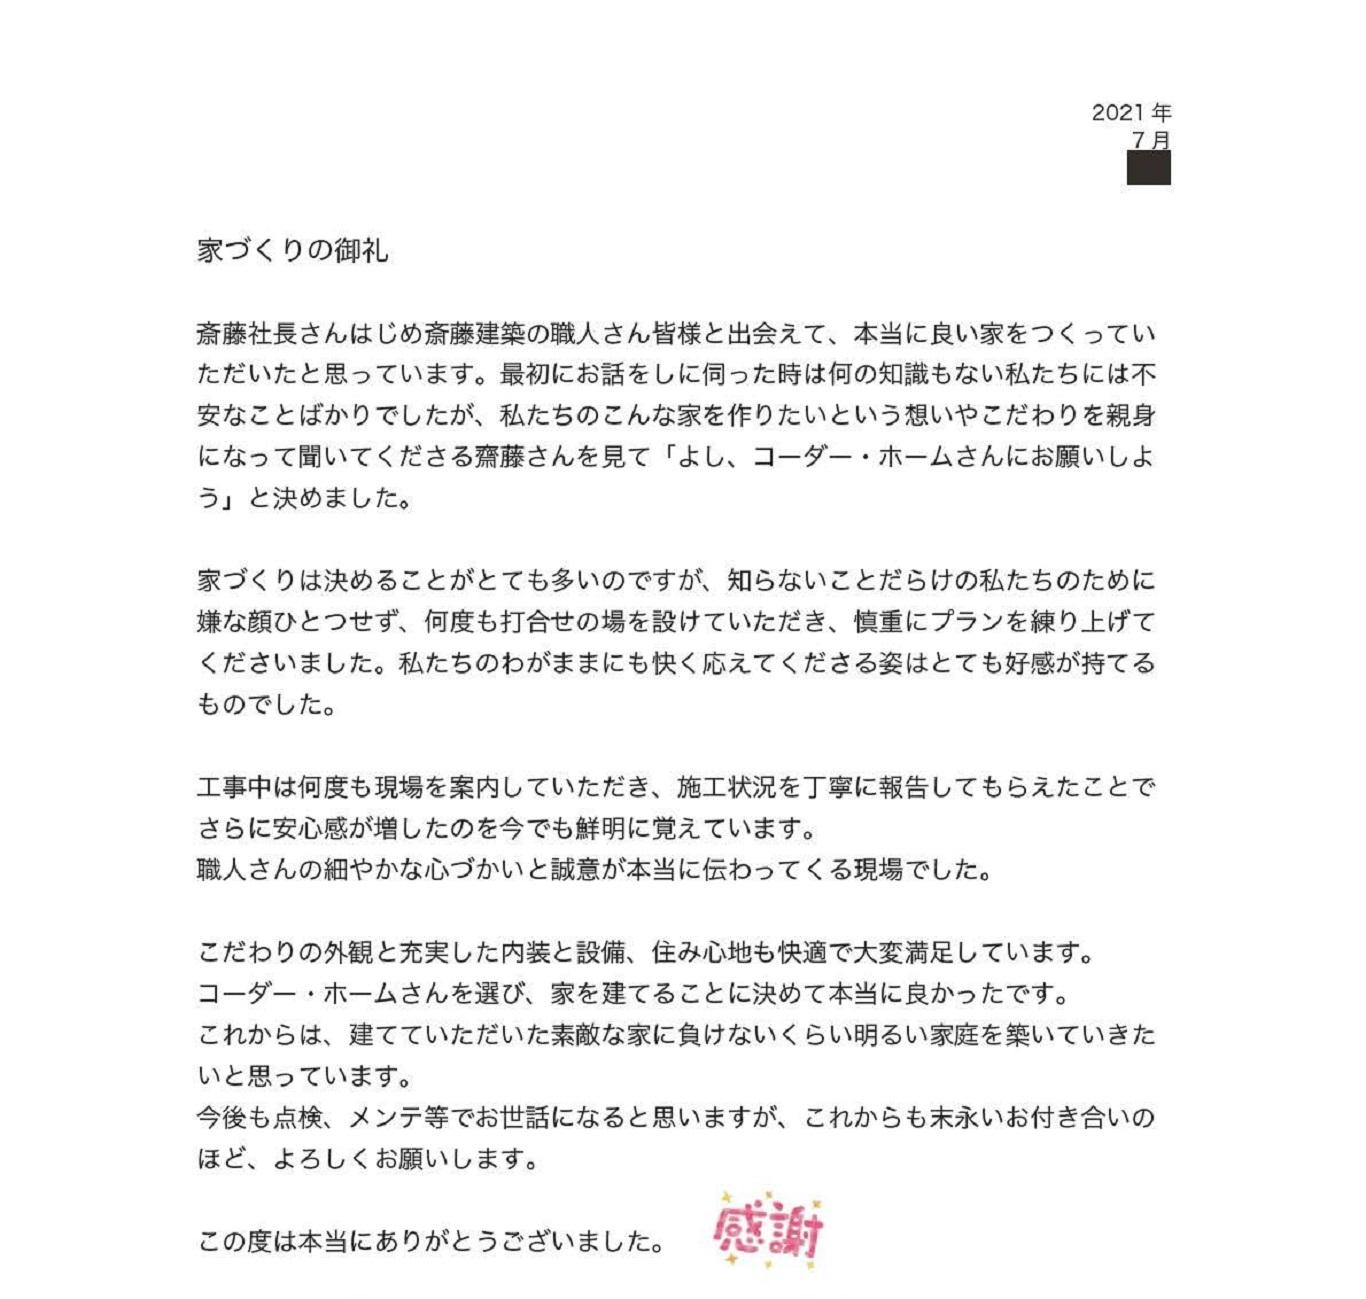 豊里様のお手紙.jpg